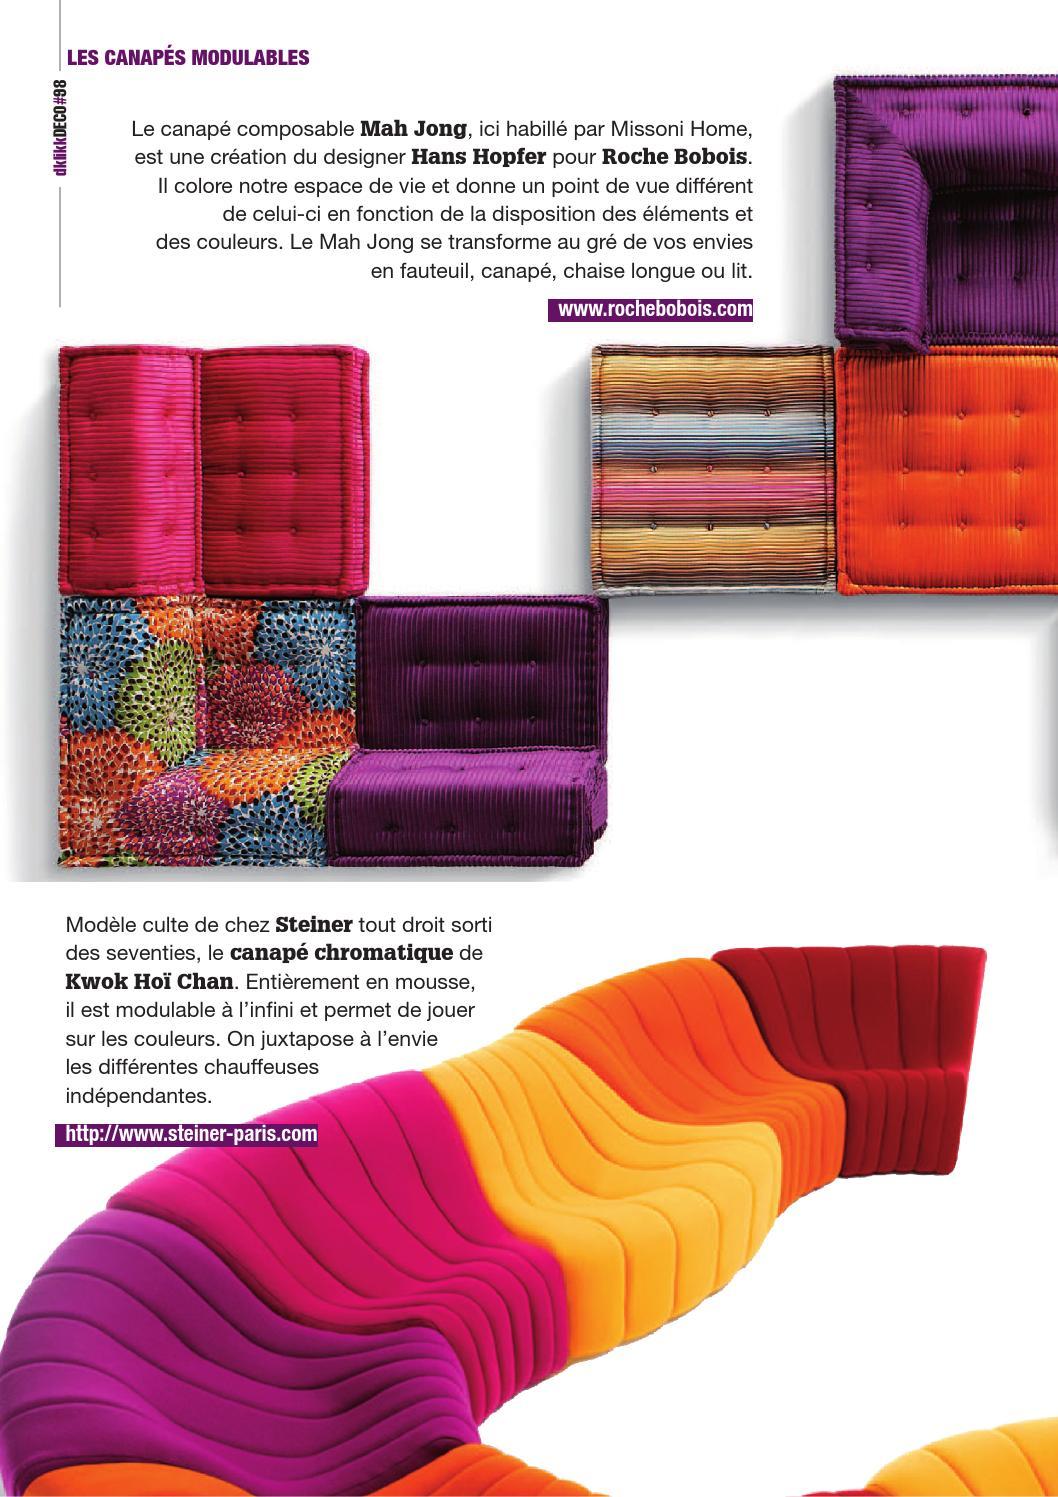 dklikk 2 by dklikk issuu. Black Bedroom Furniture Sets. Home Design Ideas